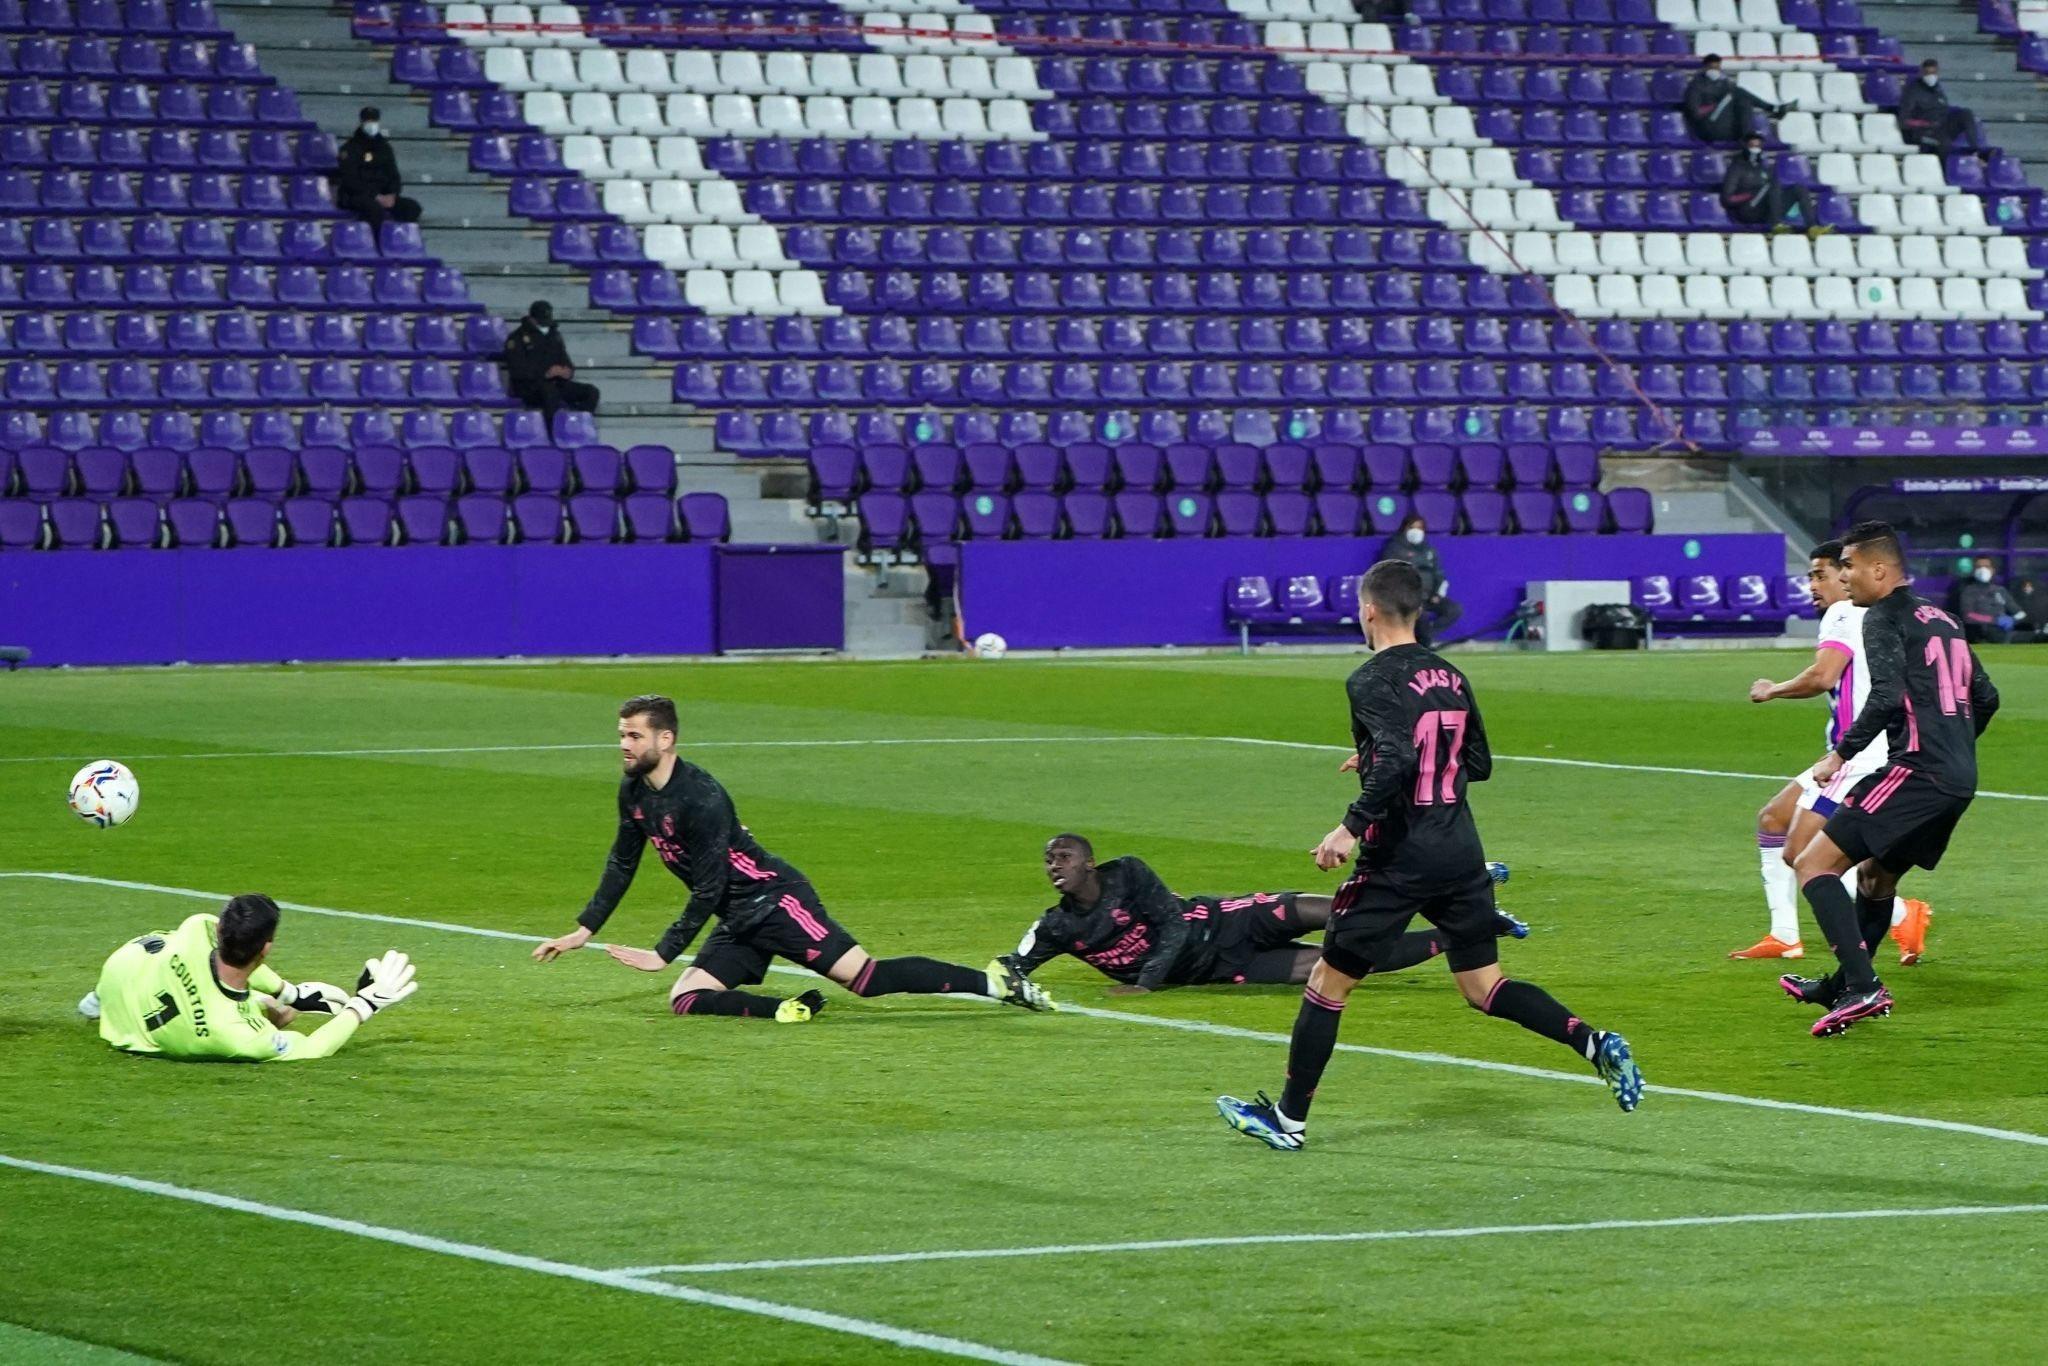 كورتوا ينقذ ريال مدريد من هدف مؤكد